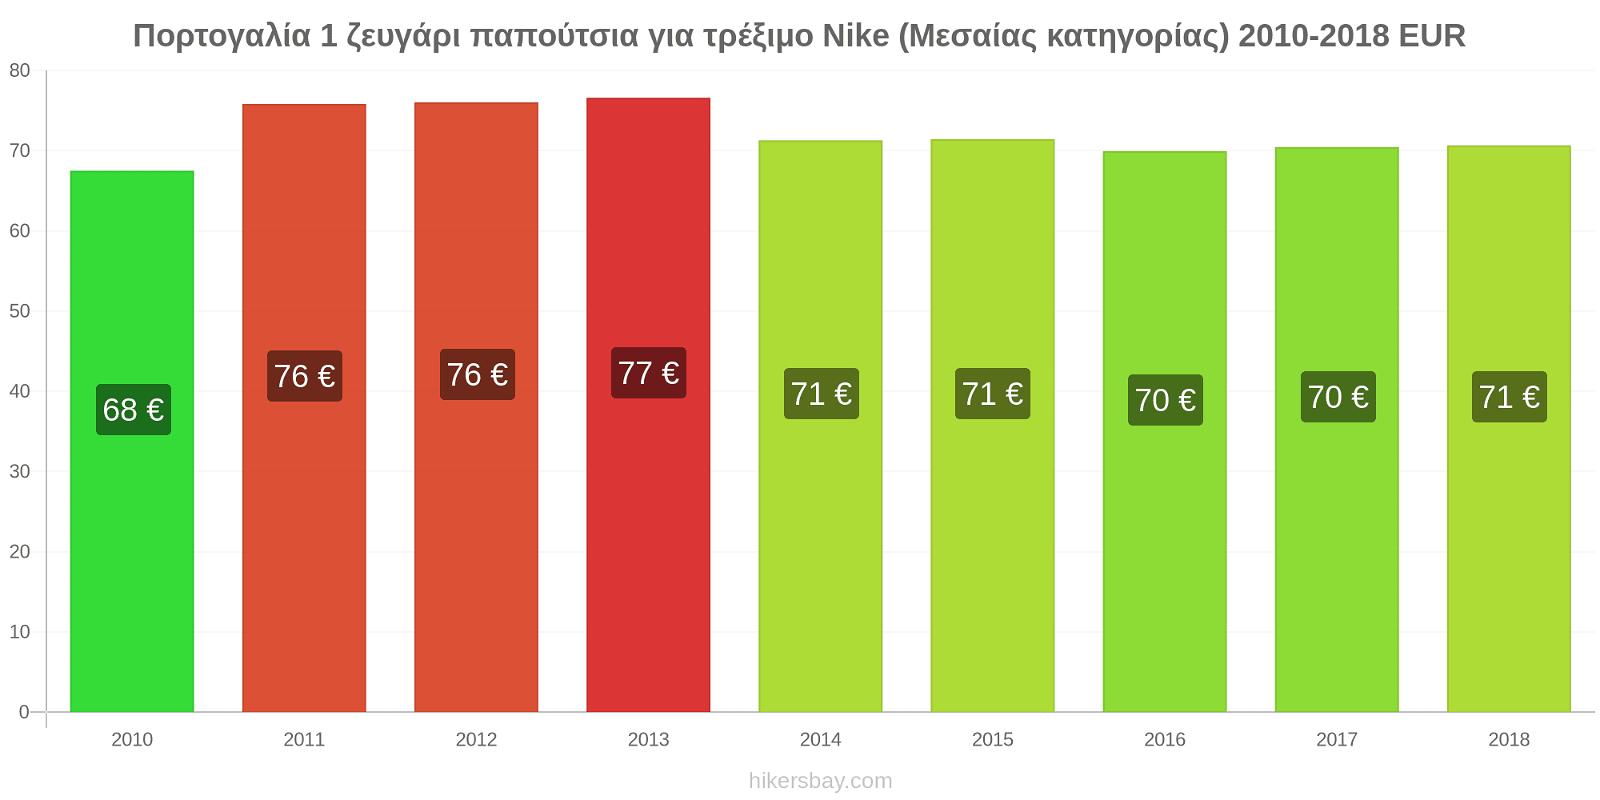 Πορτογαλία αλλαγές τιμών 1 ζευγάρι παπούτσια για τρέξιμο Nike (Μεσαίας κατηγορίας) hikersbay.com